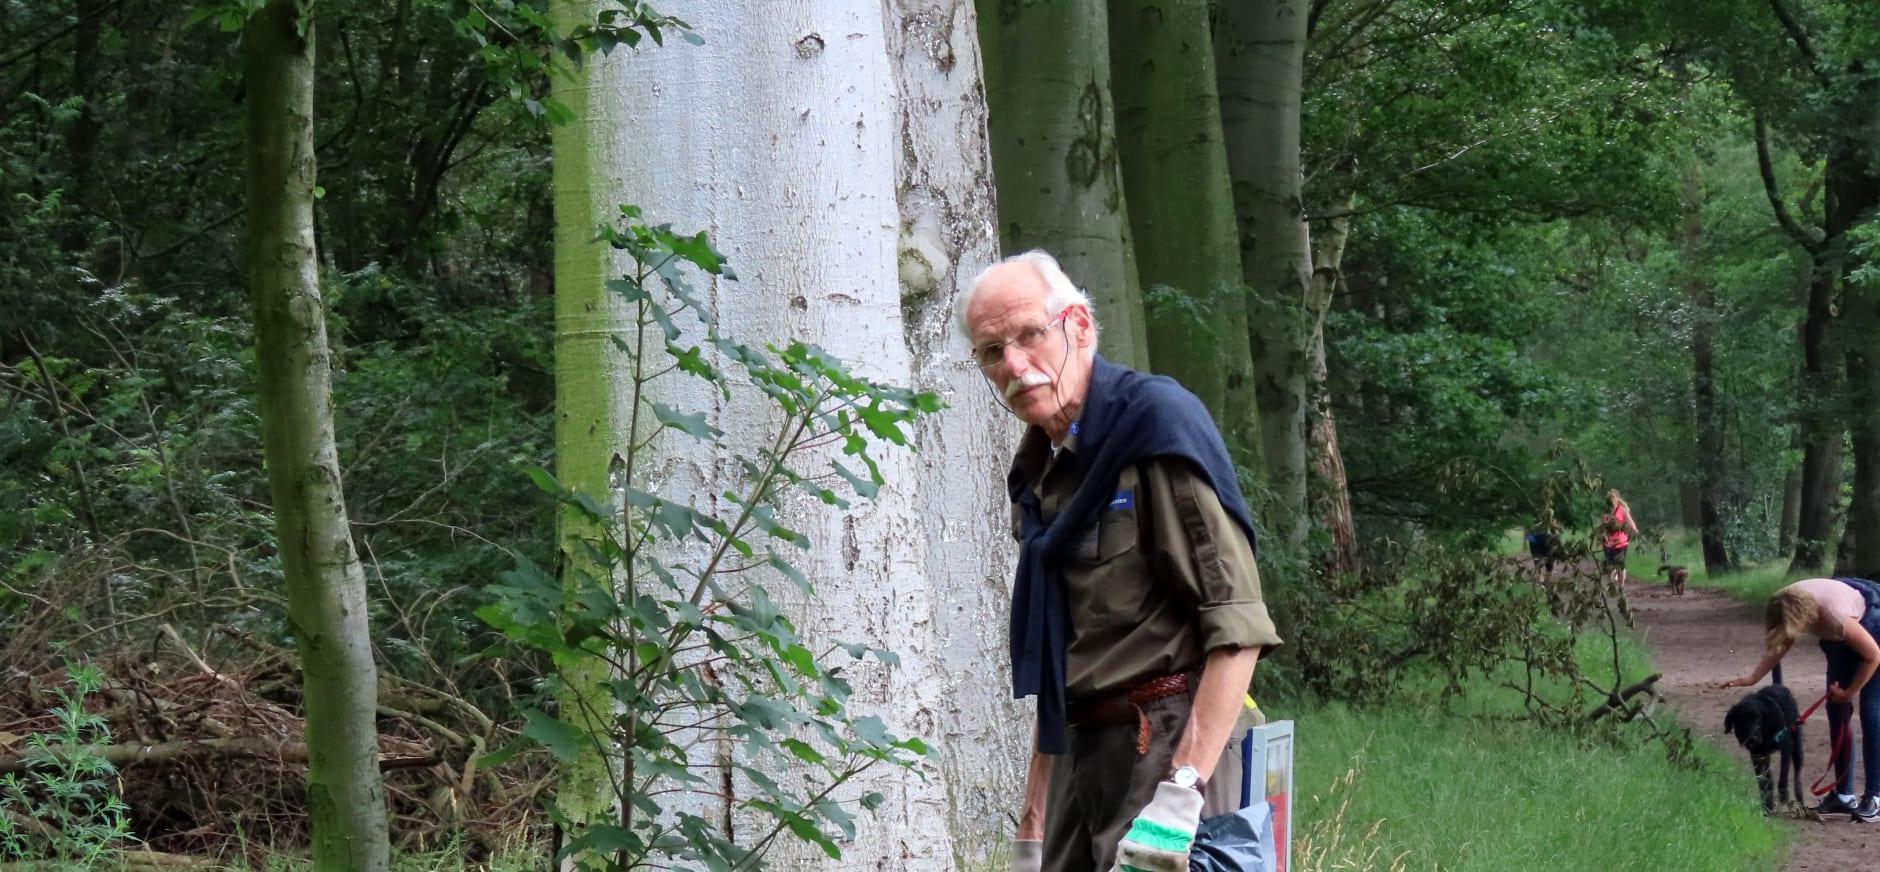 Jan van der Leemputte